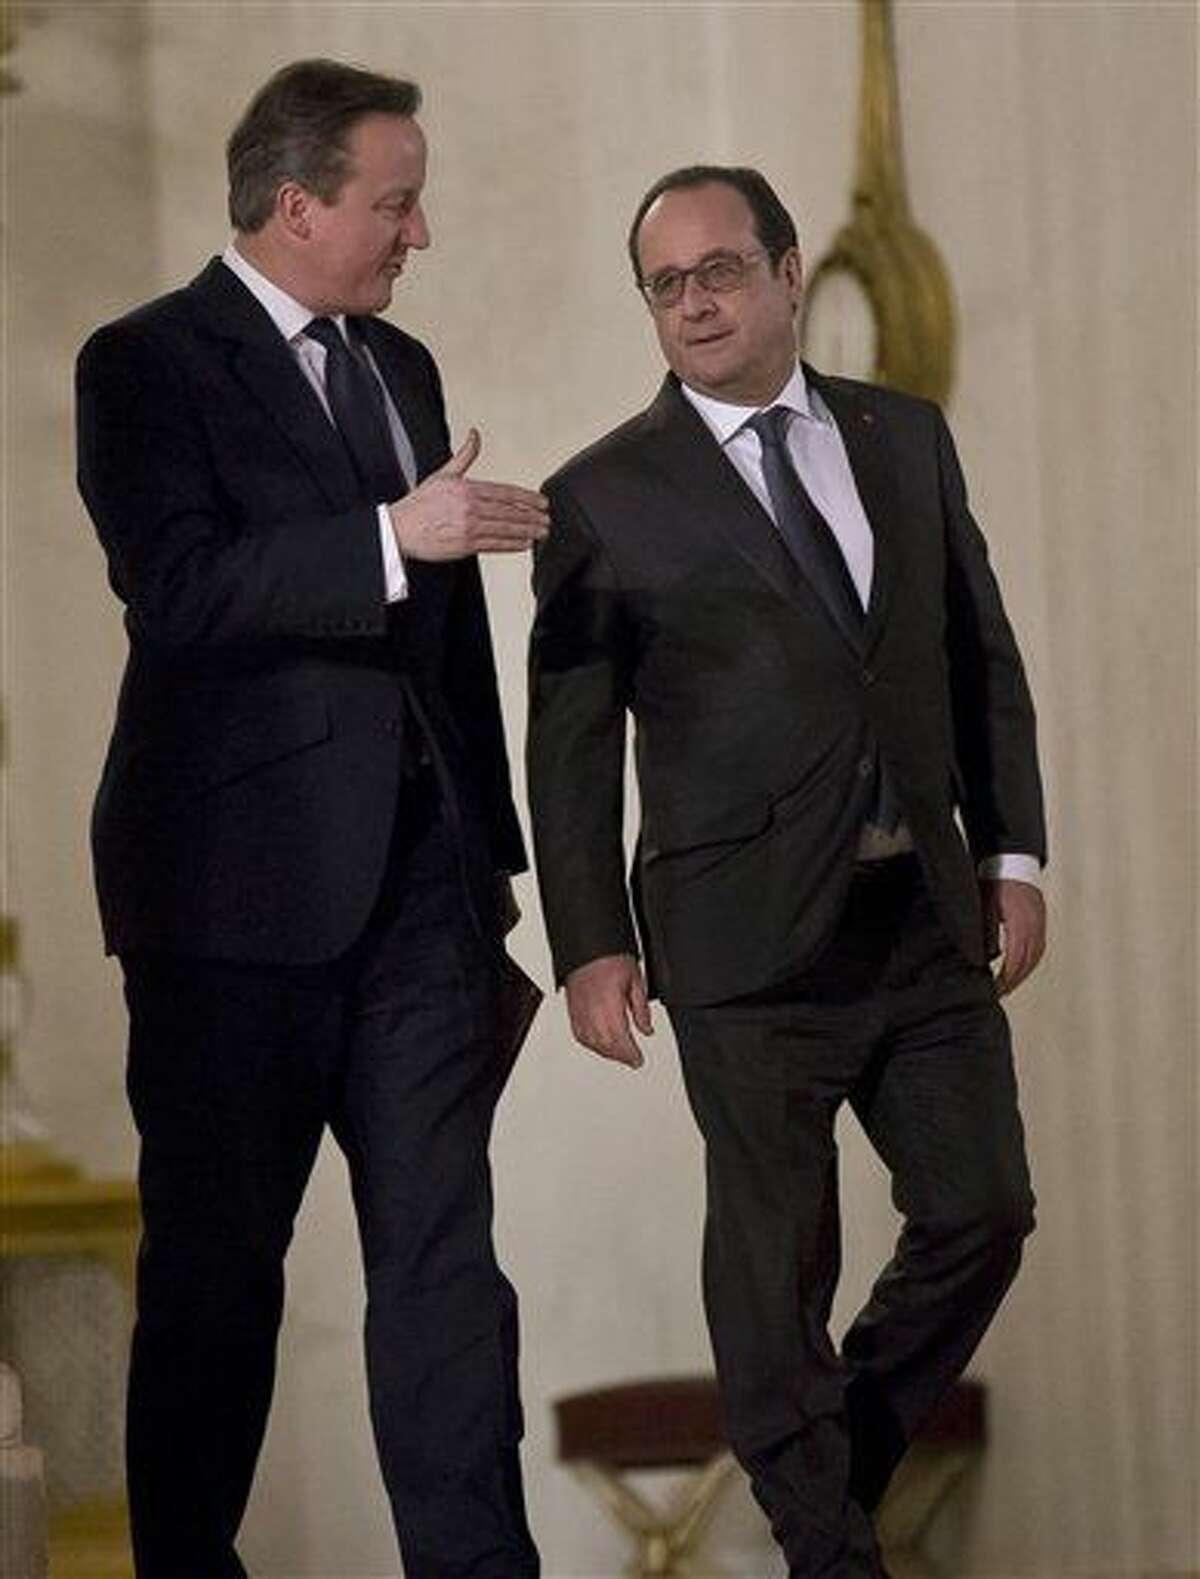 El primer inistro británico, David Cameron, izquierda, habla con el presidente francés, Francois Hollande, tras una reunión en París el lunes, 15 de febrero del 2016. (Foto AP/Michel Euler)